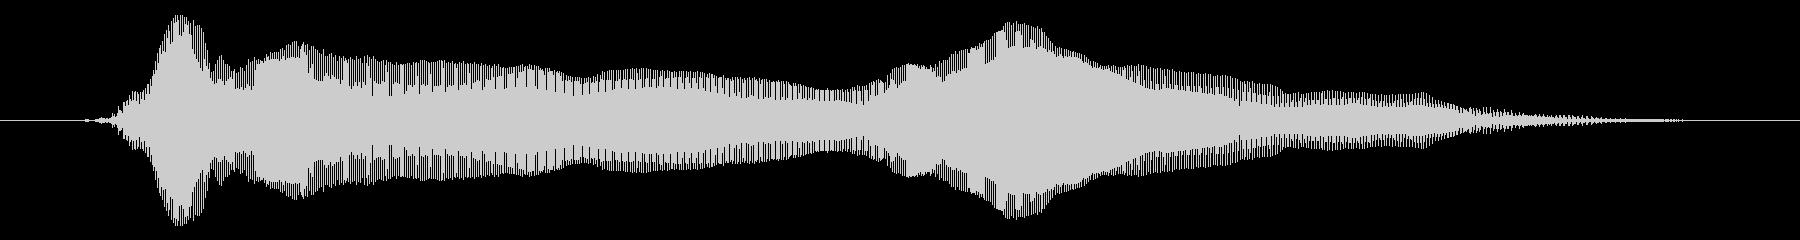 鳴き声 男性の勝利市民02の未再生の波形